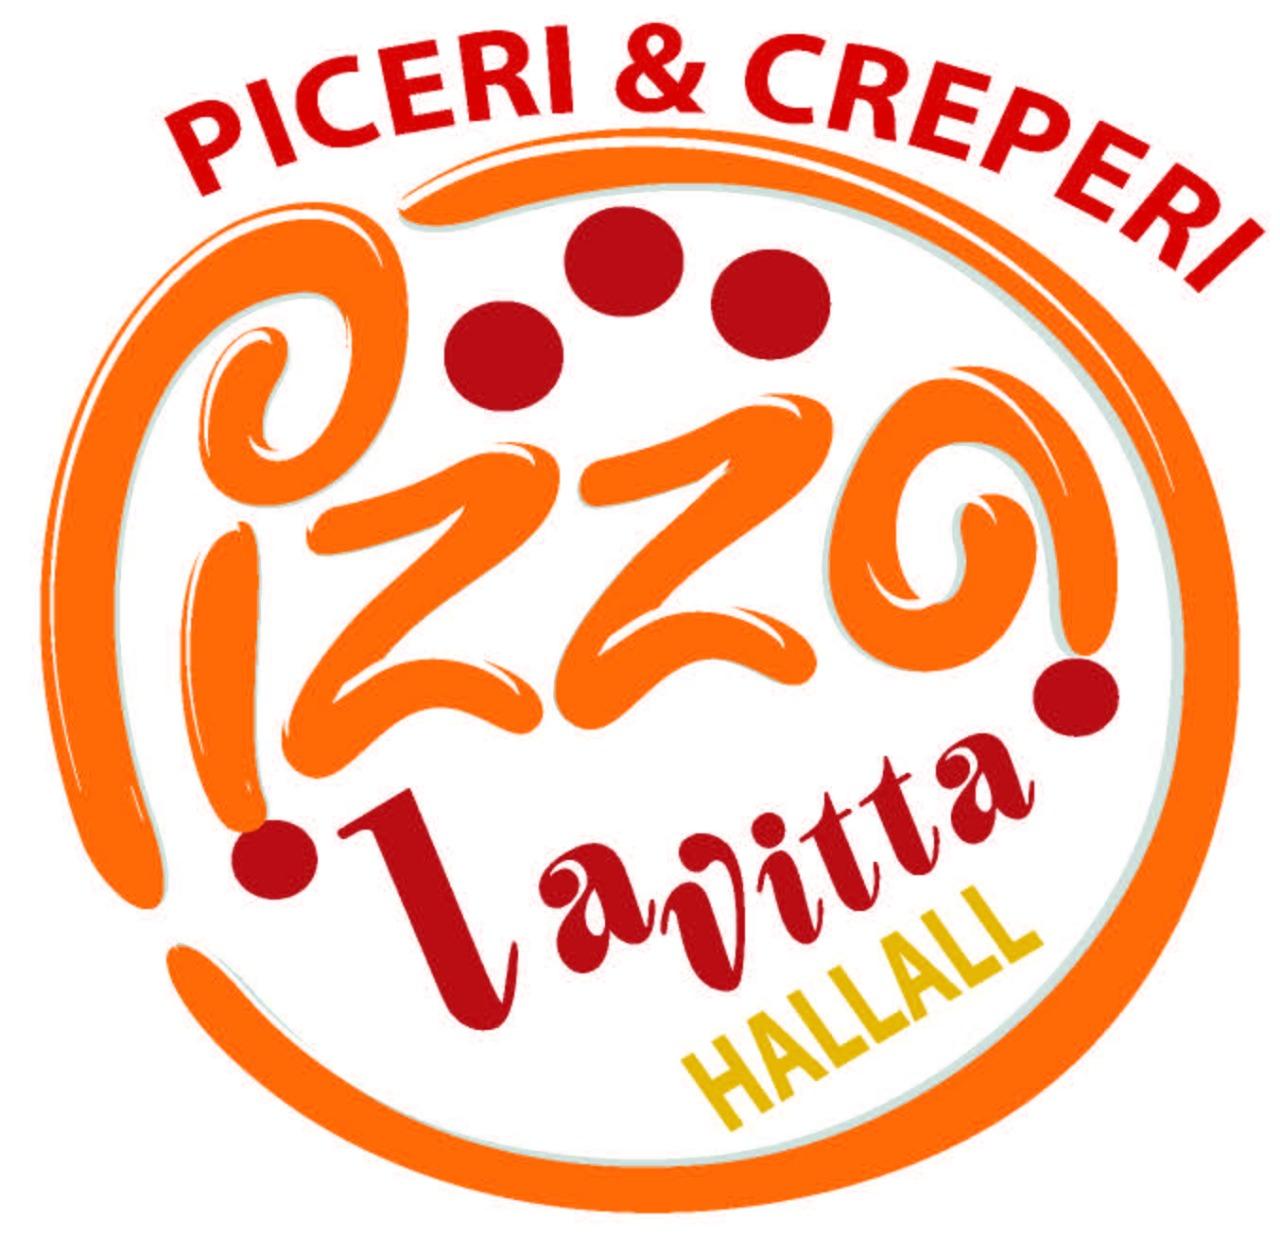 Pizza La Vita Hallall